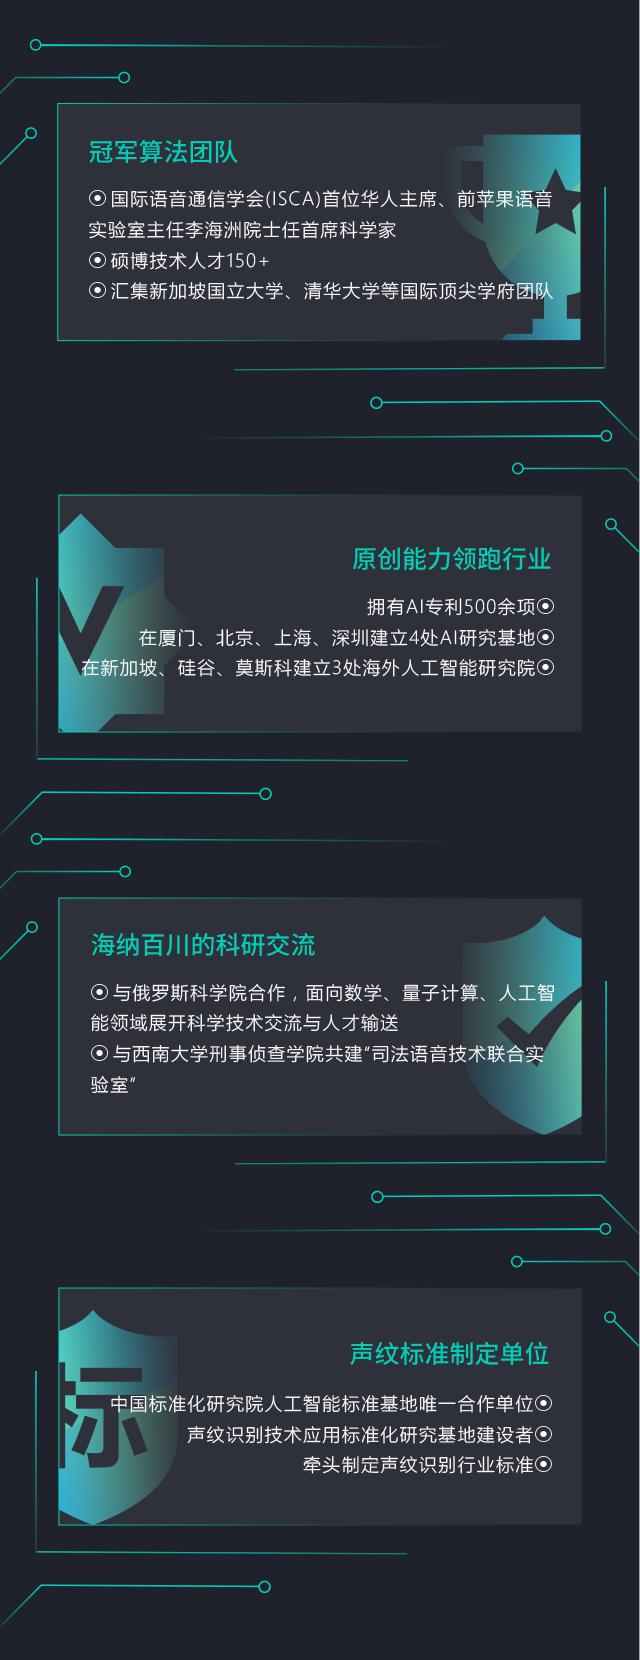 声纹识别技术介绍